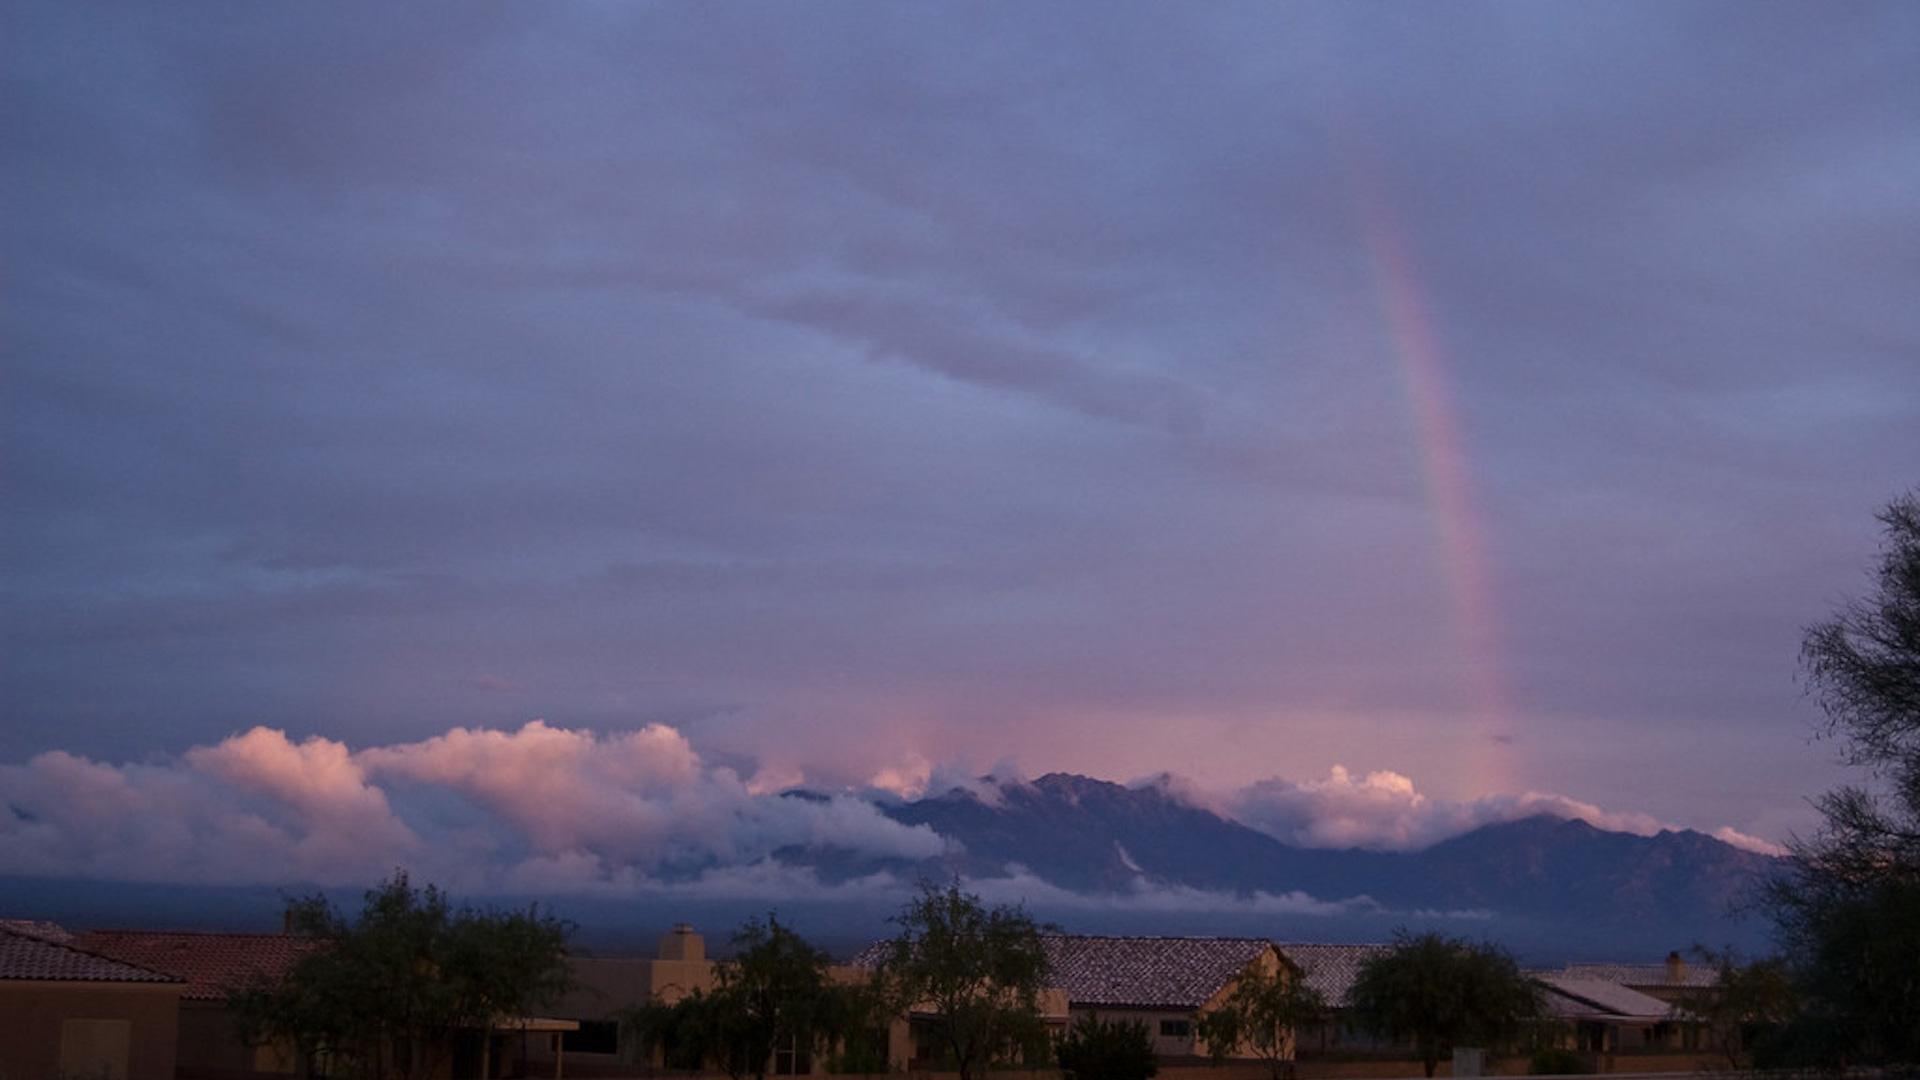 Monsoon weather over southern Arizona.